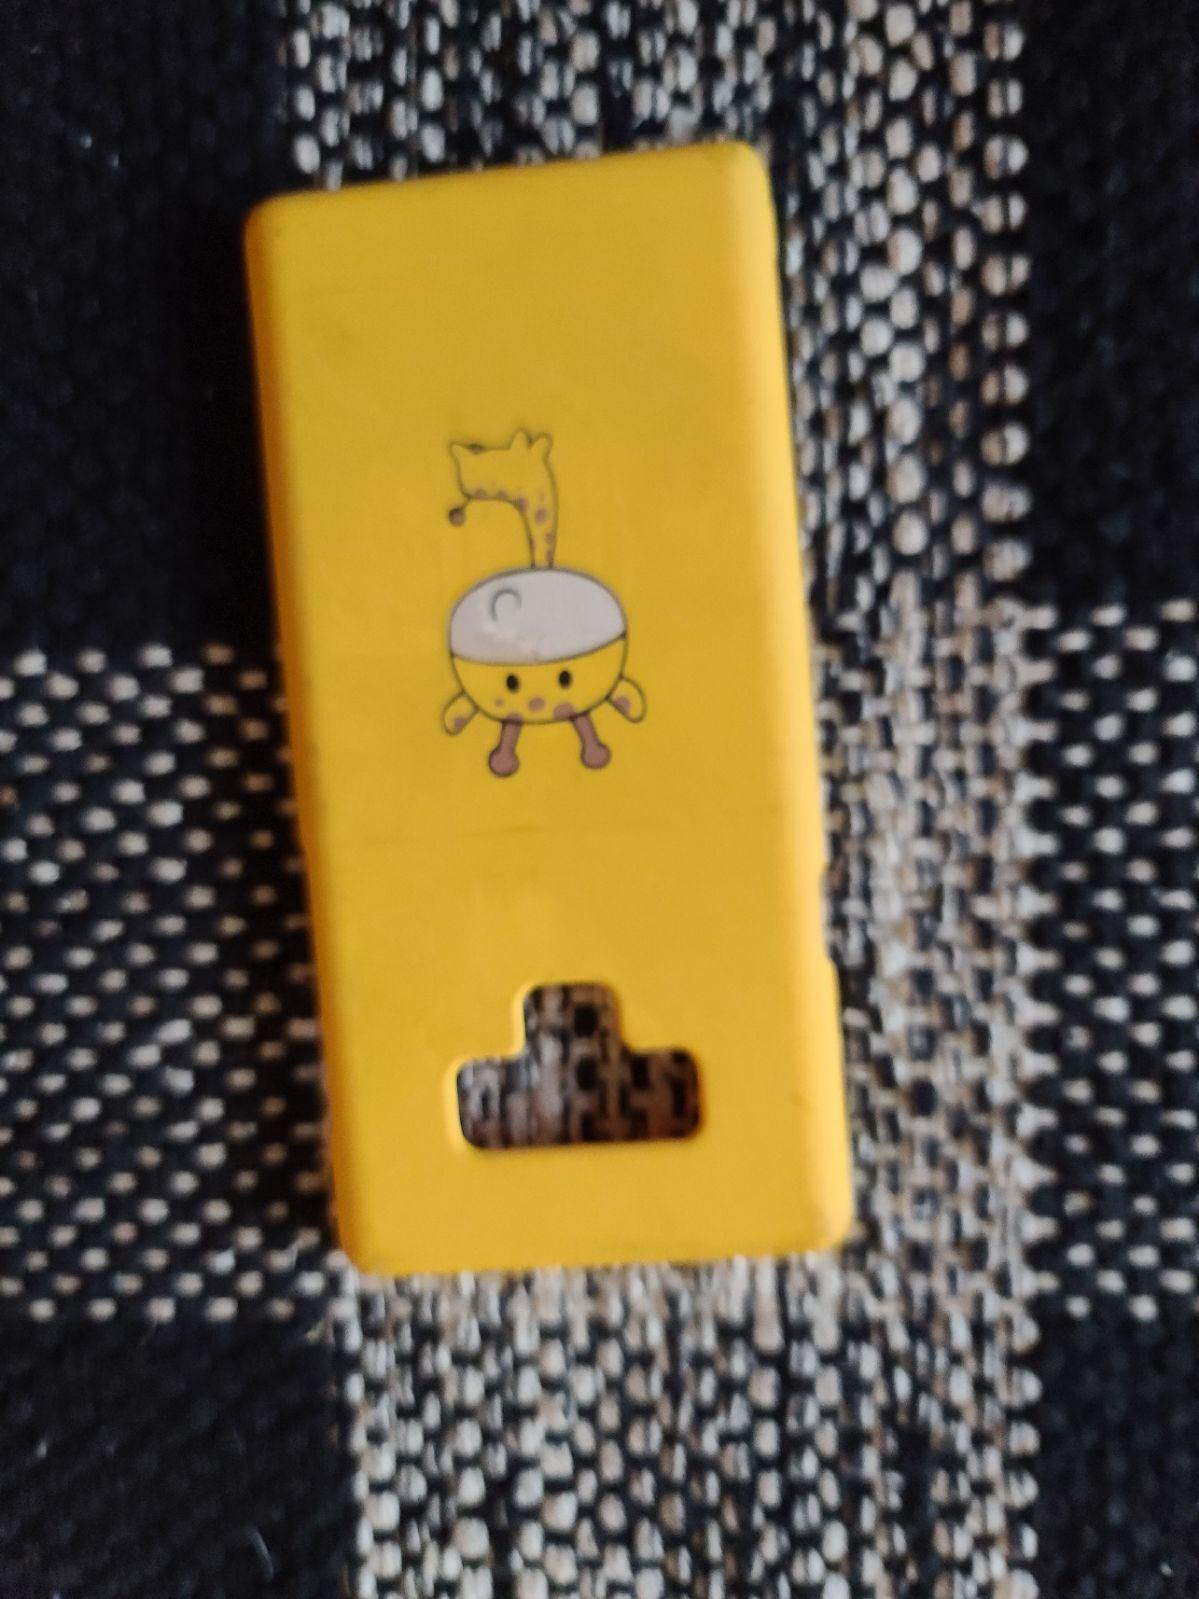 Yellow Giraffe phone case